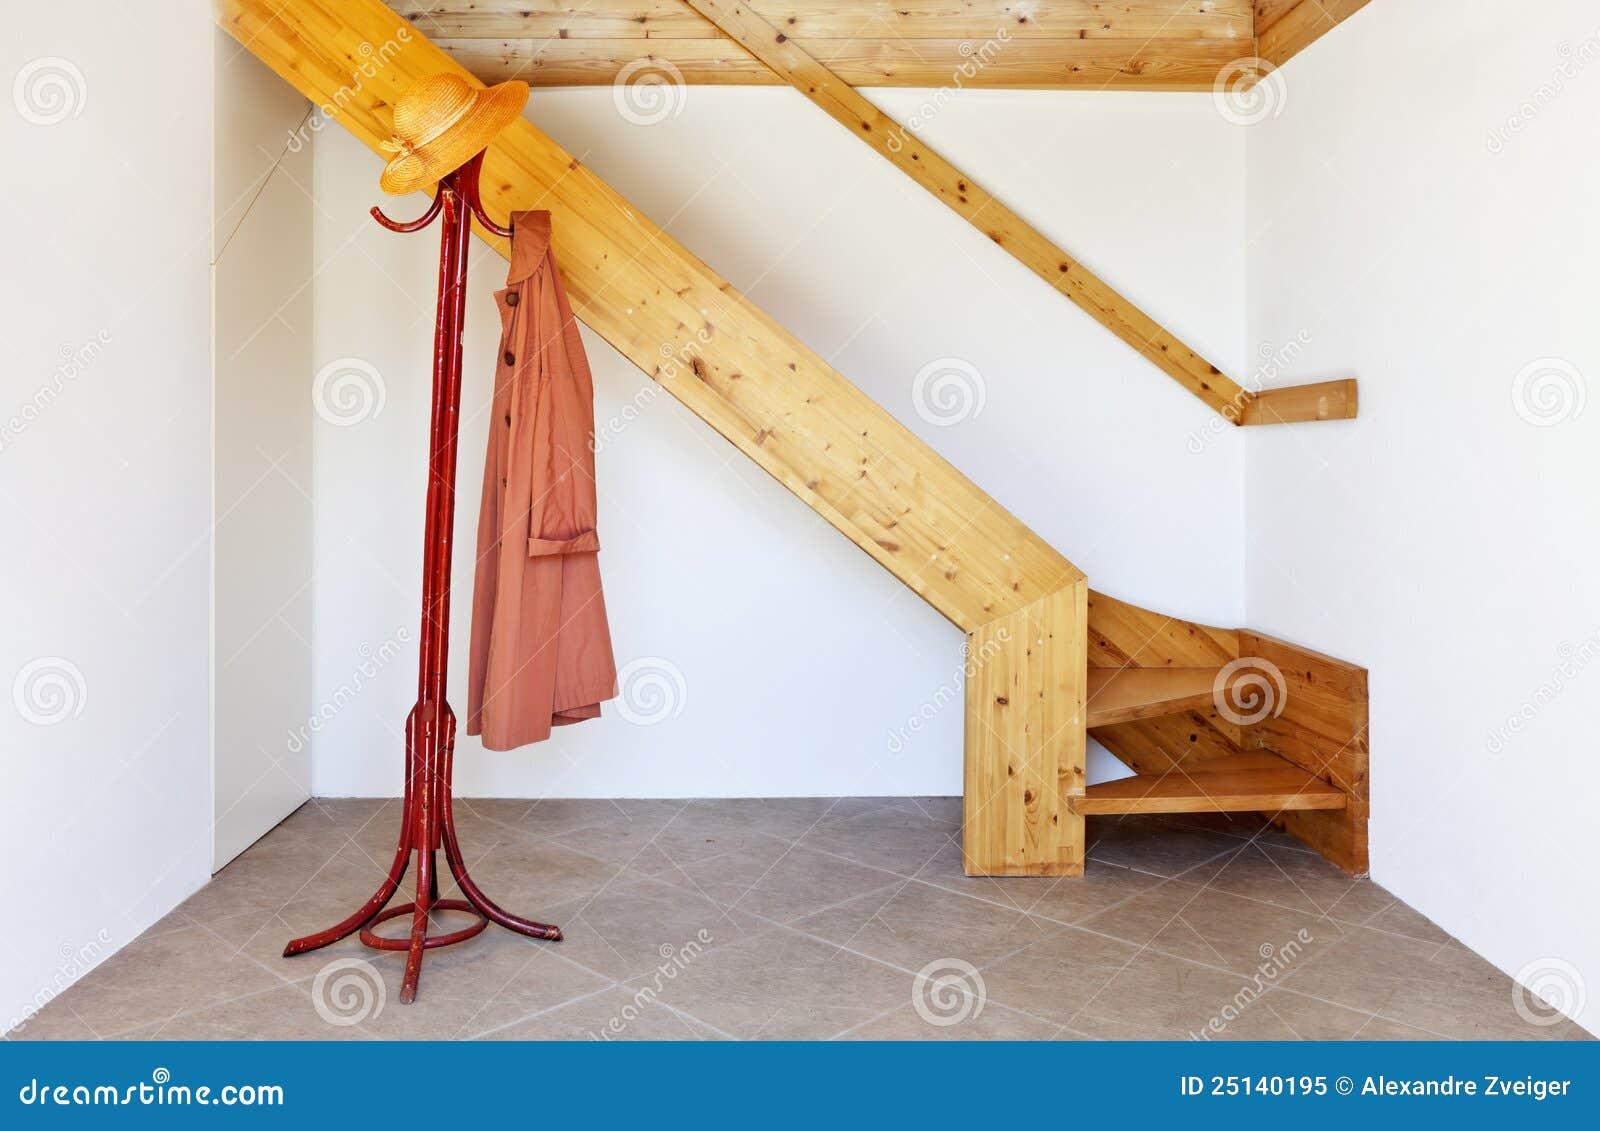 Interior escalera de madera imagen de archivo imagen - Escaleras de madera interior ...